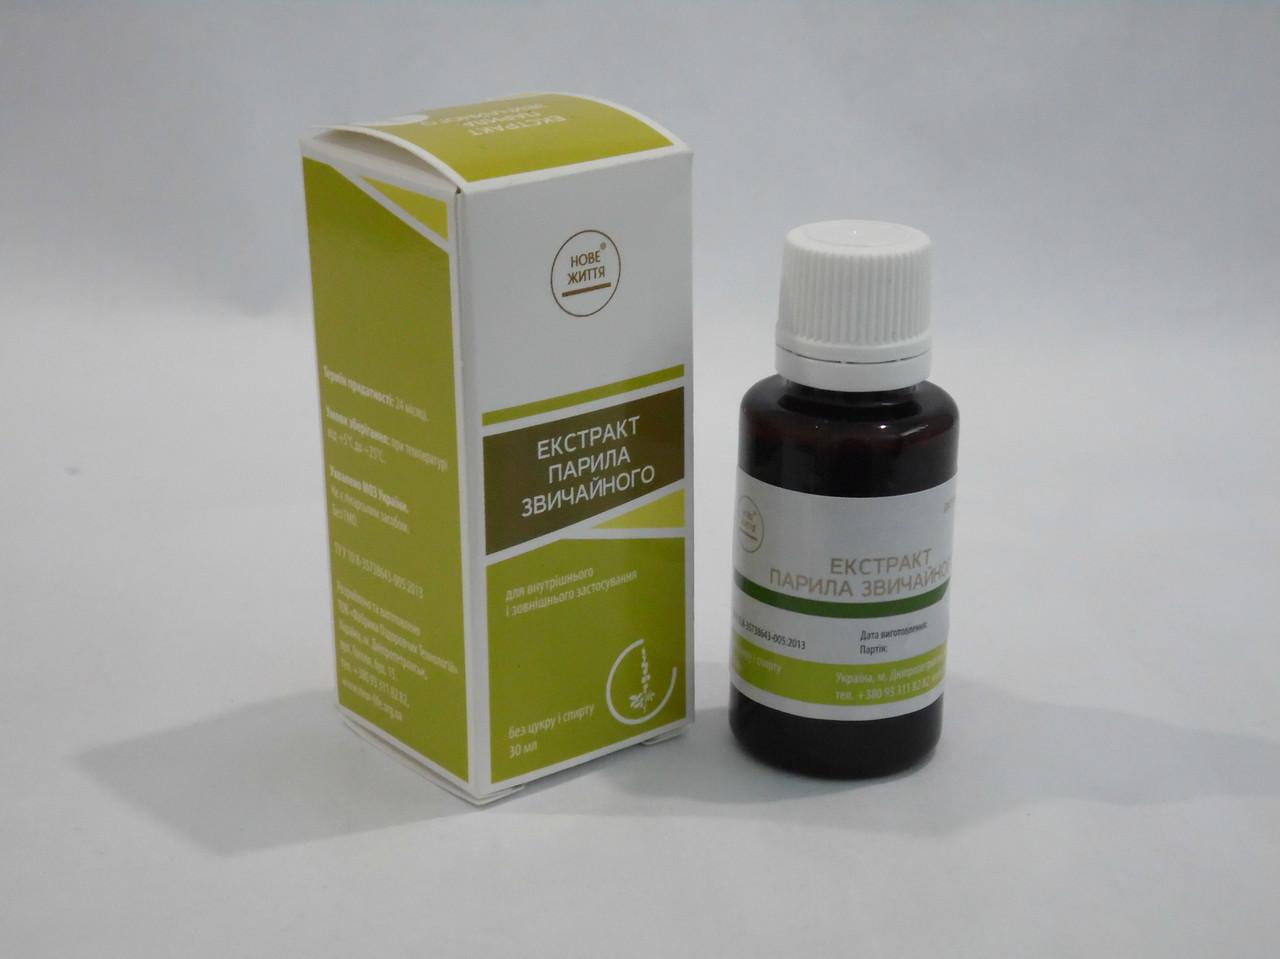 Репешка экстракт при гепатитах циррозе и других болезнях печени  - Новая жизнь это здоровье без лекарств только натуральная продукция в Черкассах